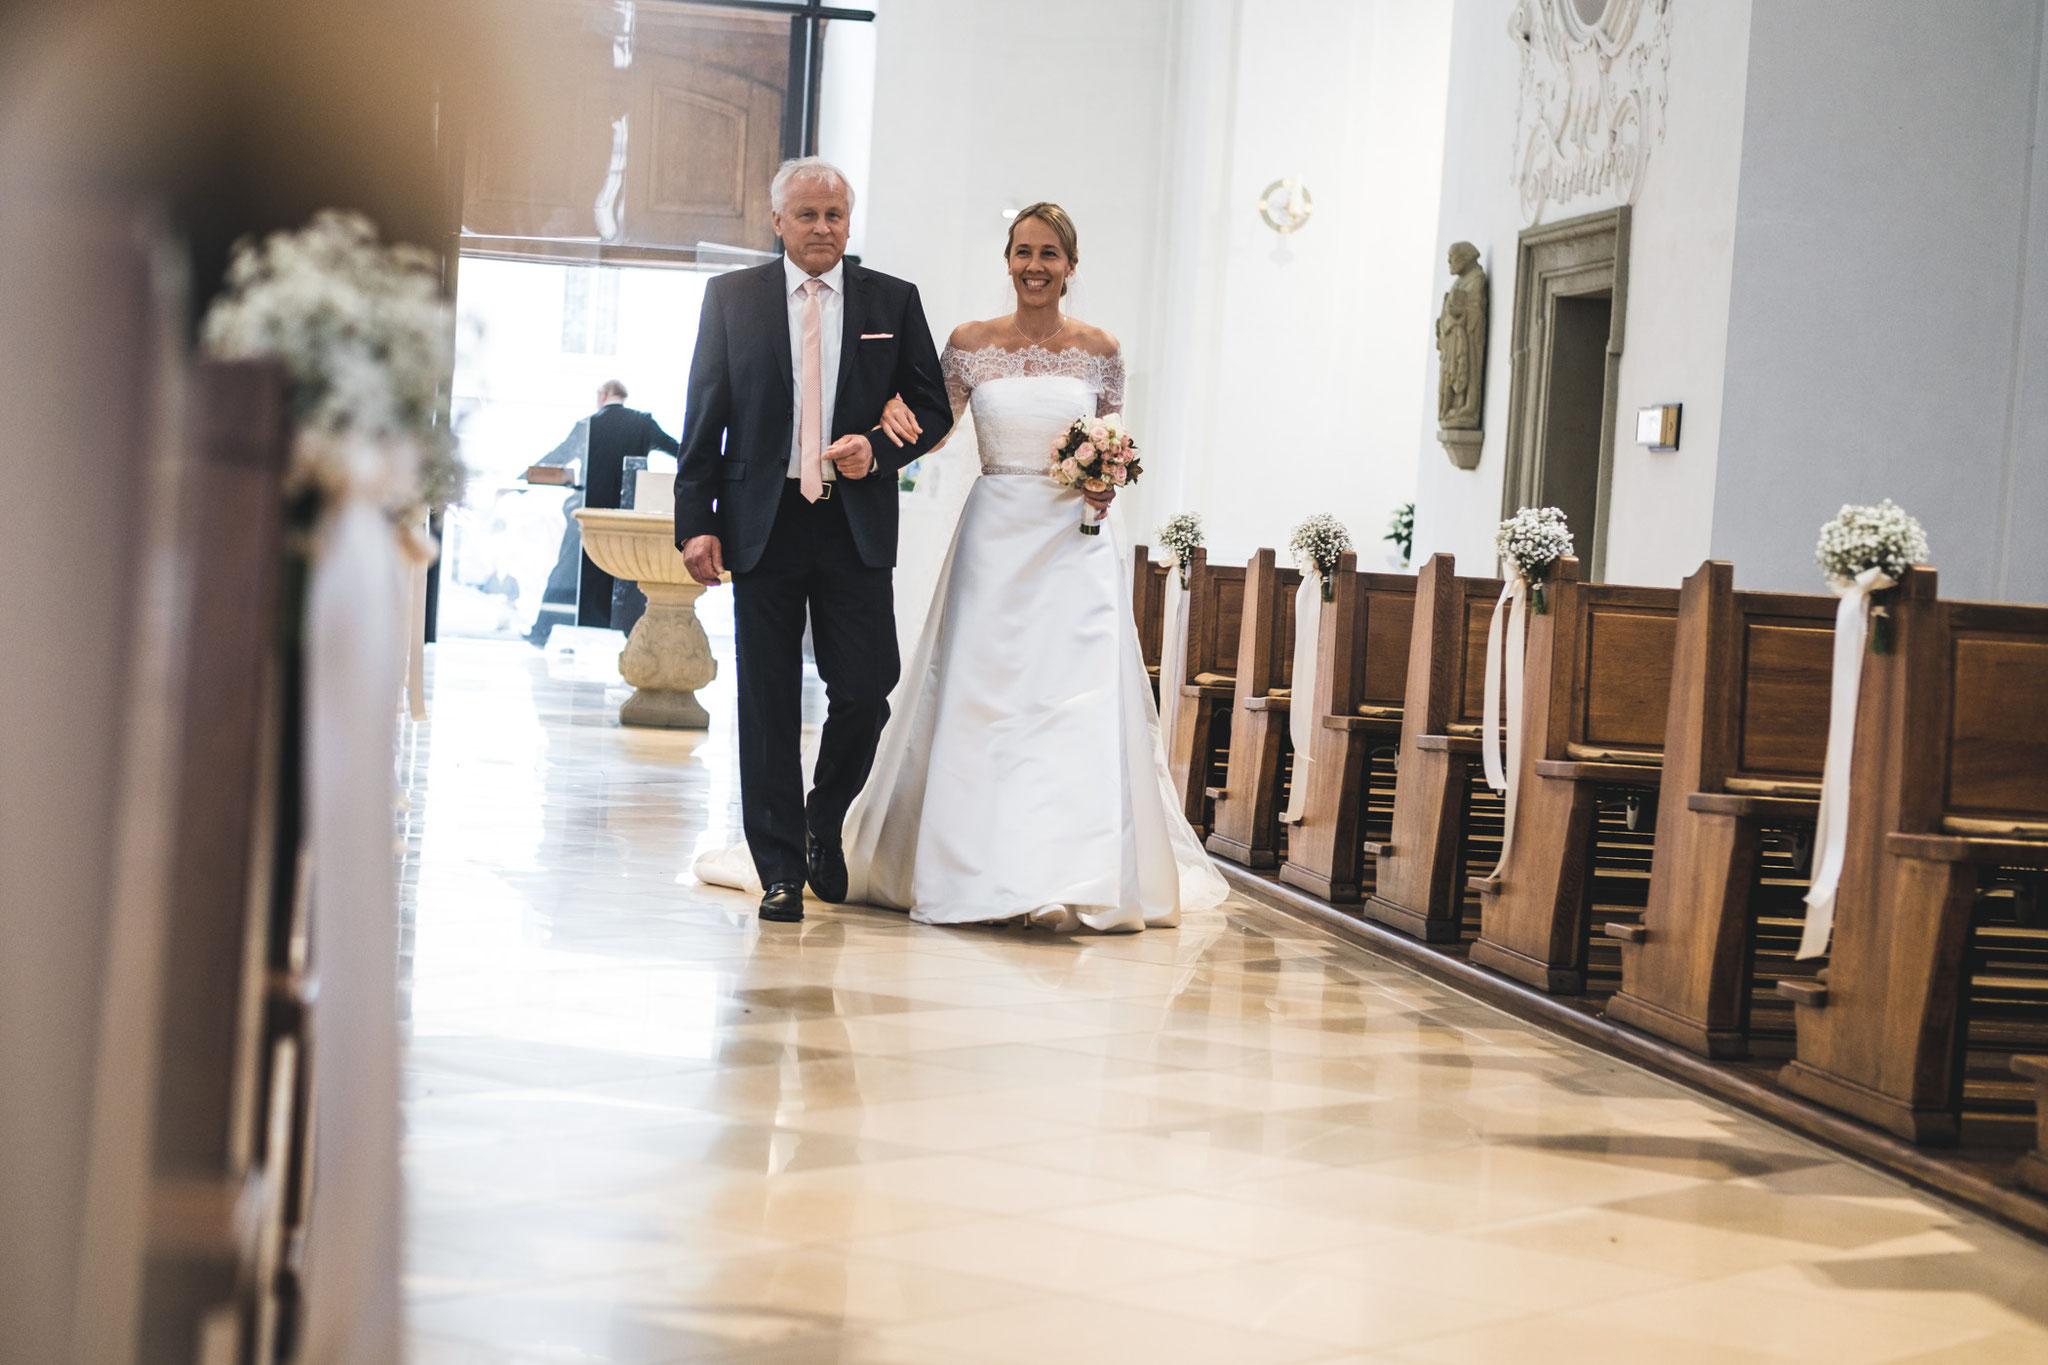 Brautvater-Hochzeit-Würzburg